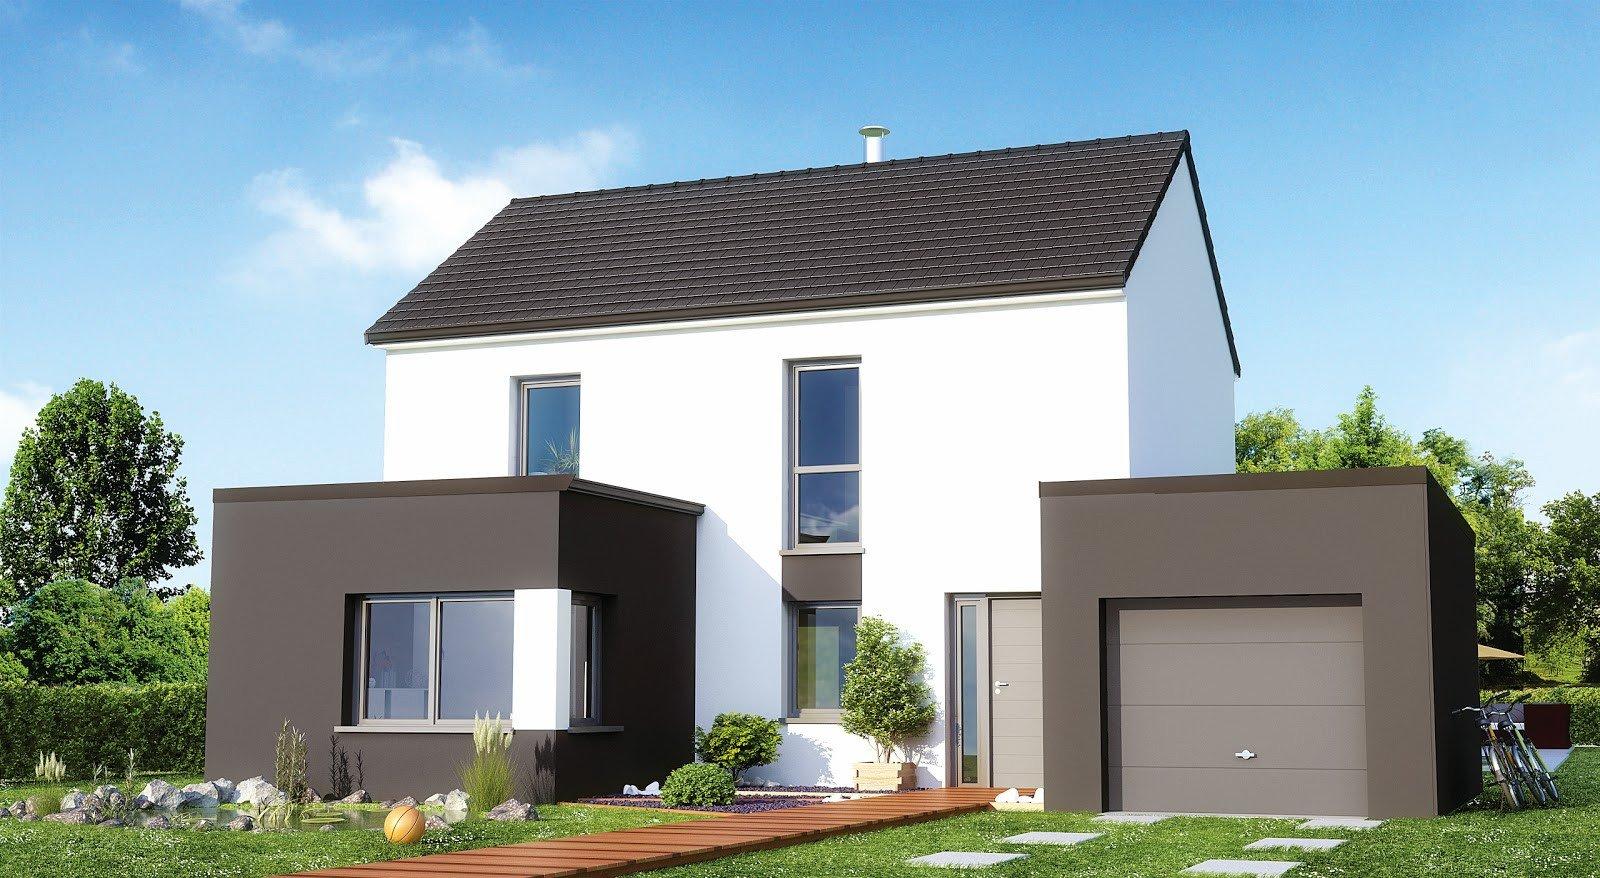 Maisons + Terrains du constructeur Maisons Phénix Nancy • 106 m² • ART SUR MEURTHE